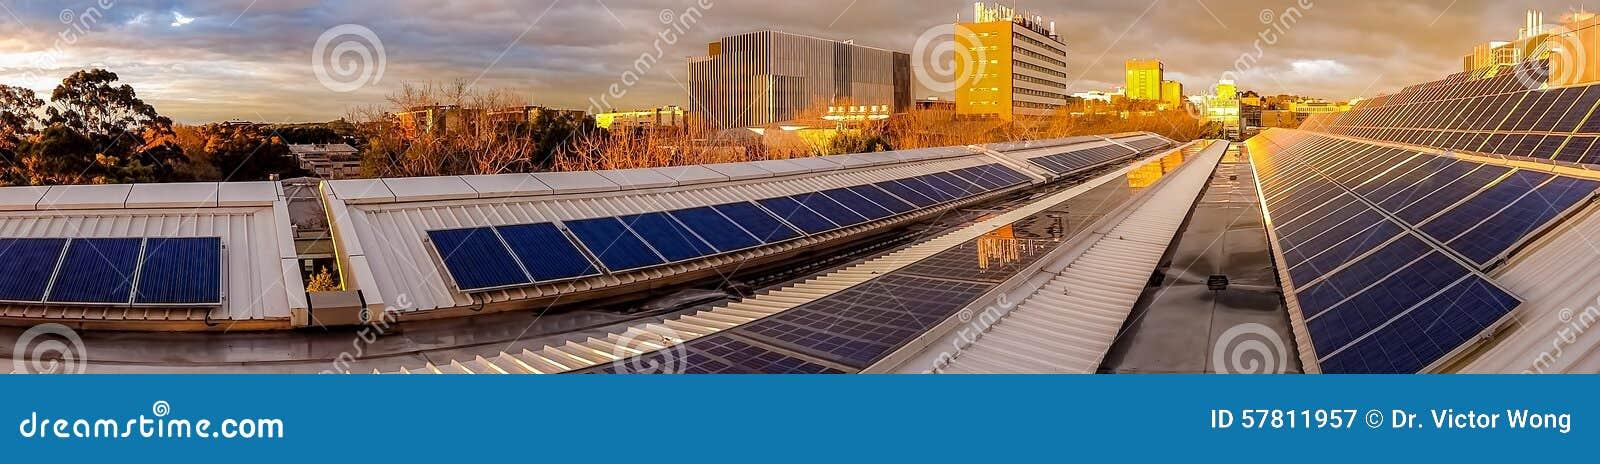 Панорама панелей солнечных батарей на крыше